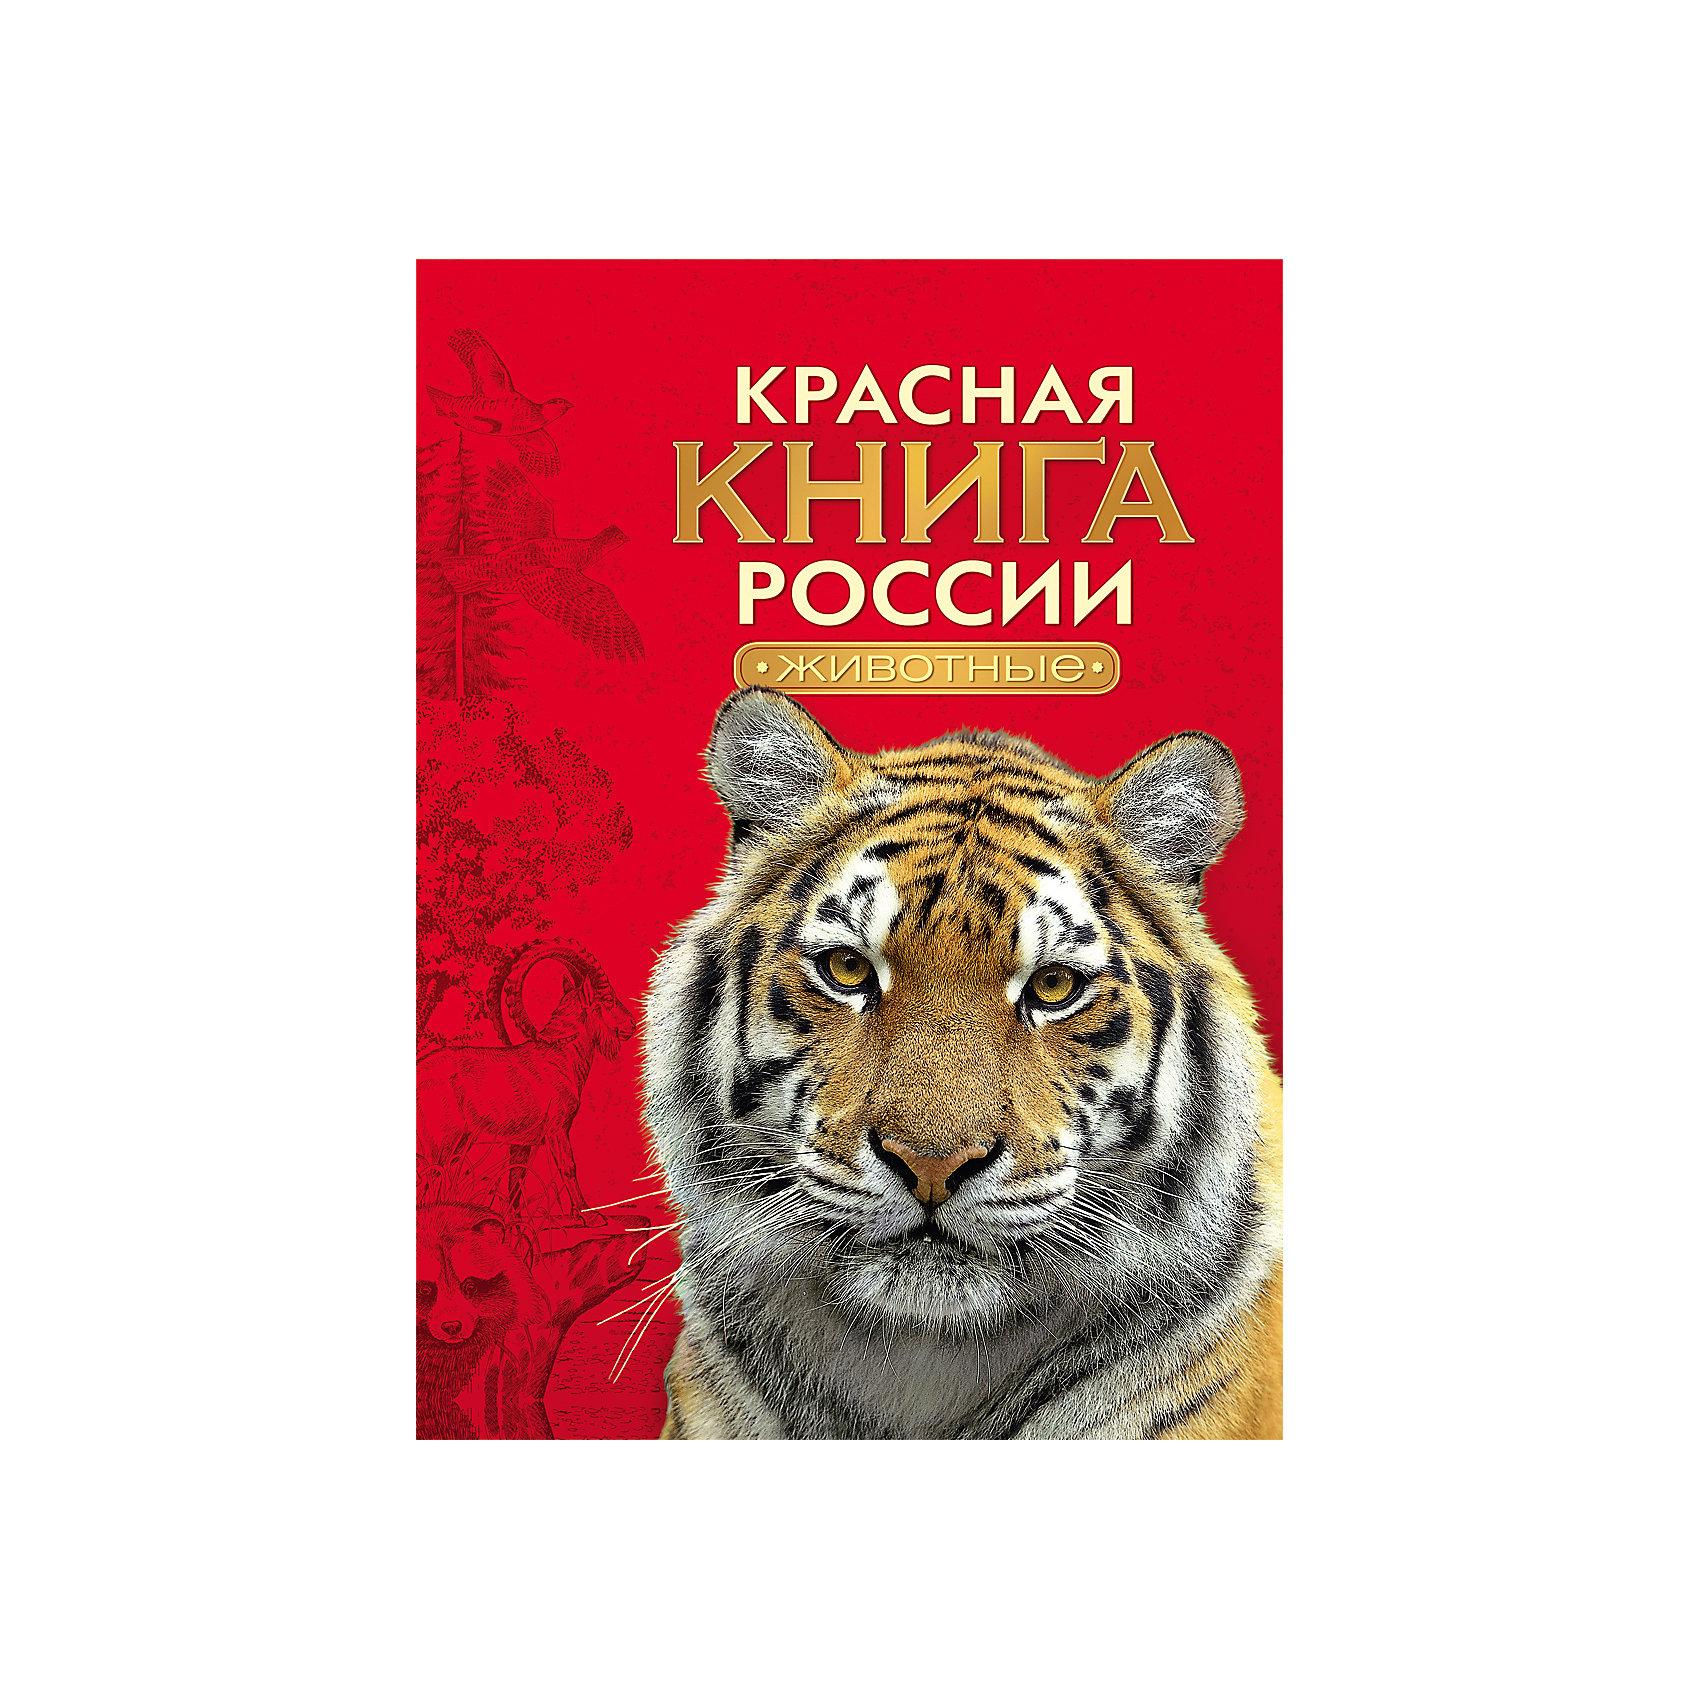 Красная книга России ЖивотныеДетские энциклопедии<br>Характеристики товара:<br><br>- цвет: разноцветный;<br>- материал: бумага;<br>- страниц: 240;<br>- формат: А4;<br>- обложка: твердая;<br>- цветные иллюстрации.<br><br>Эта интересная книга с иллюстрациями станет отличным подарком для ребенка. Она содержит в себе ответы на вопросы, которые интересуют малышей. Всё представлено в очень простой форме! Талантливый иллюстратор дополнил книгу качественными рисунками, которые помогают ребенку понять суть многих вещей в нашем мире. Удивительные и интересные факты помогут привить любовь к учебе!<br>Чтение - отличный способ активизации мышления, оно помогает ребенку развивать зрительную память, концентрацию внимания и воображение. Издание произведено из качественных материалов, которые безопасны даже для самых маленьких.<br><br>Книгу Красная книга России Животные от компании Росмэн можно купить в нашем интернет-магазине.<br><br>Ширина мм: 283<br>Глубина мм: 218<br>Высота мм: 18<br>Вес г: 769<br>Возраст от месяцев: 96<br>Возраст до месяцев: 144<br>Пол: Унисекс<br>Возраст: Детский<br>SKU: 5110001